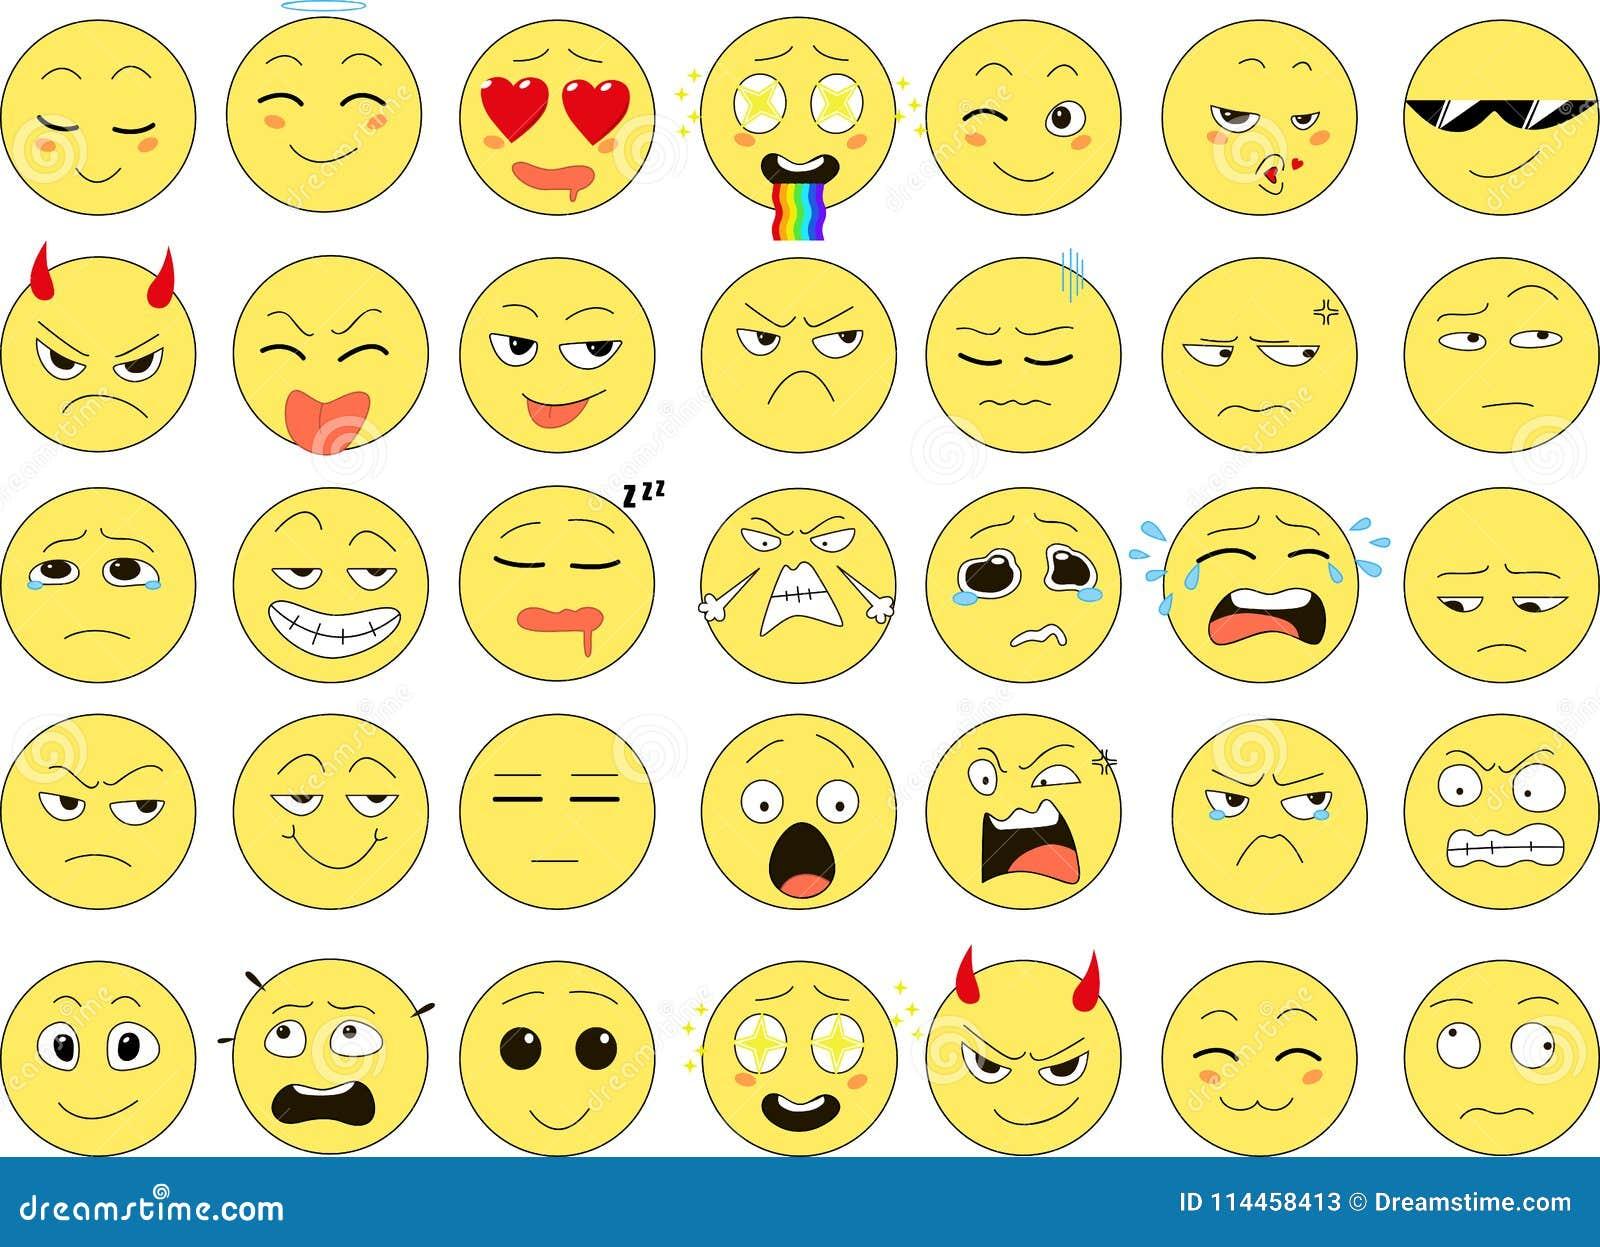 Σύνολο αστείων χαμόγελων, εικονίδια Ιστού, διάνυσμα